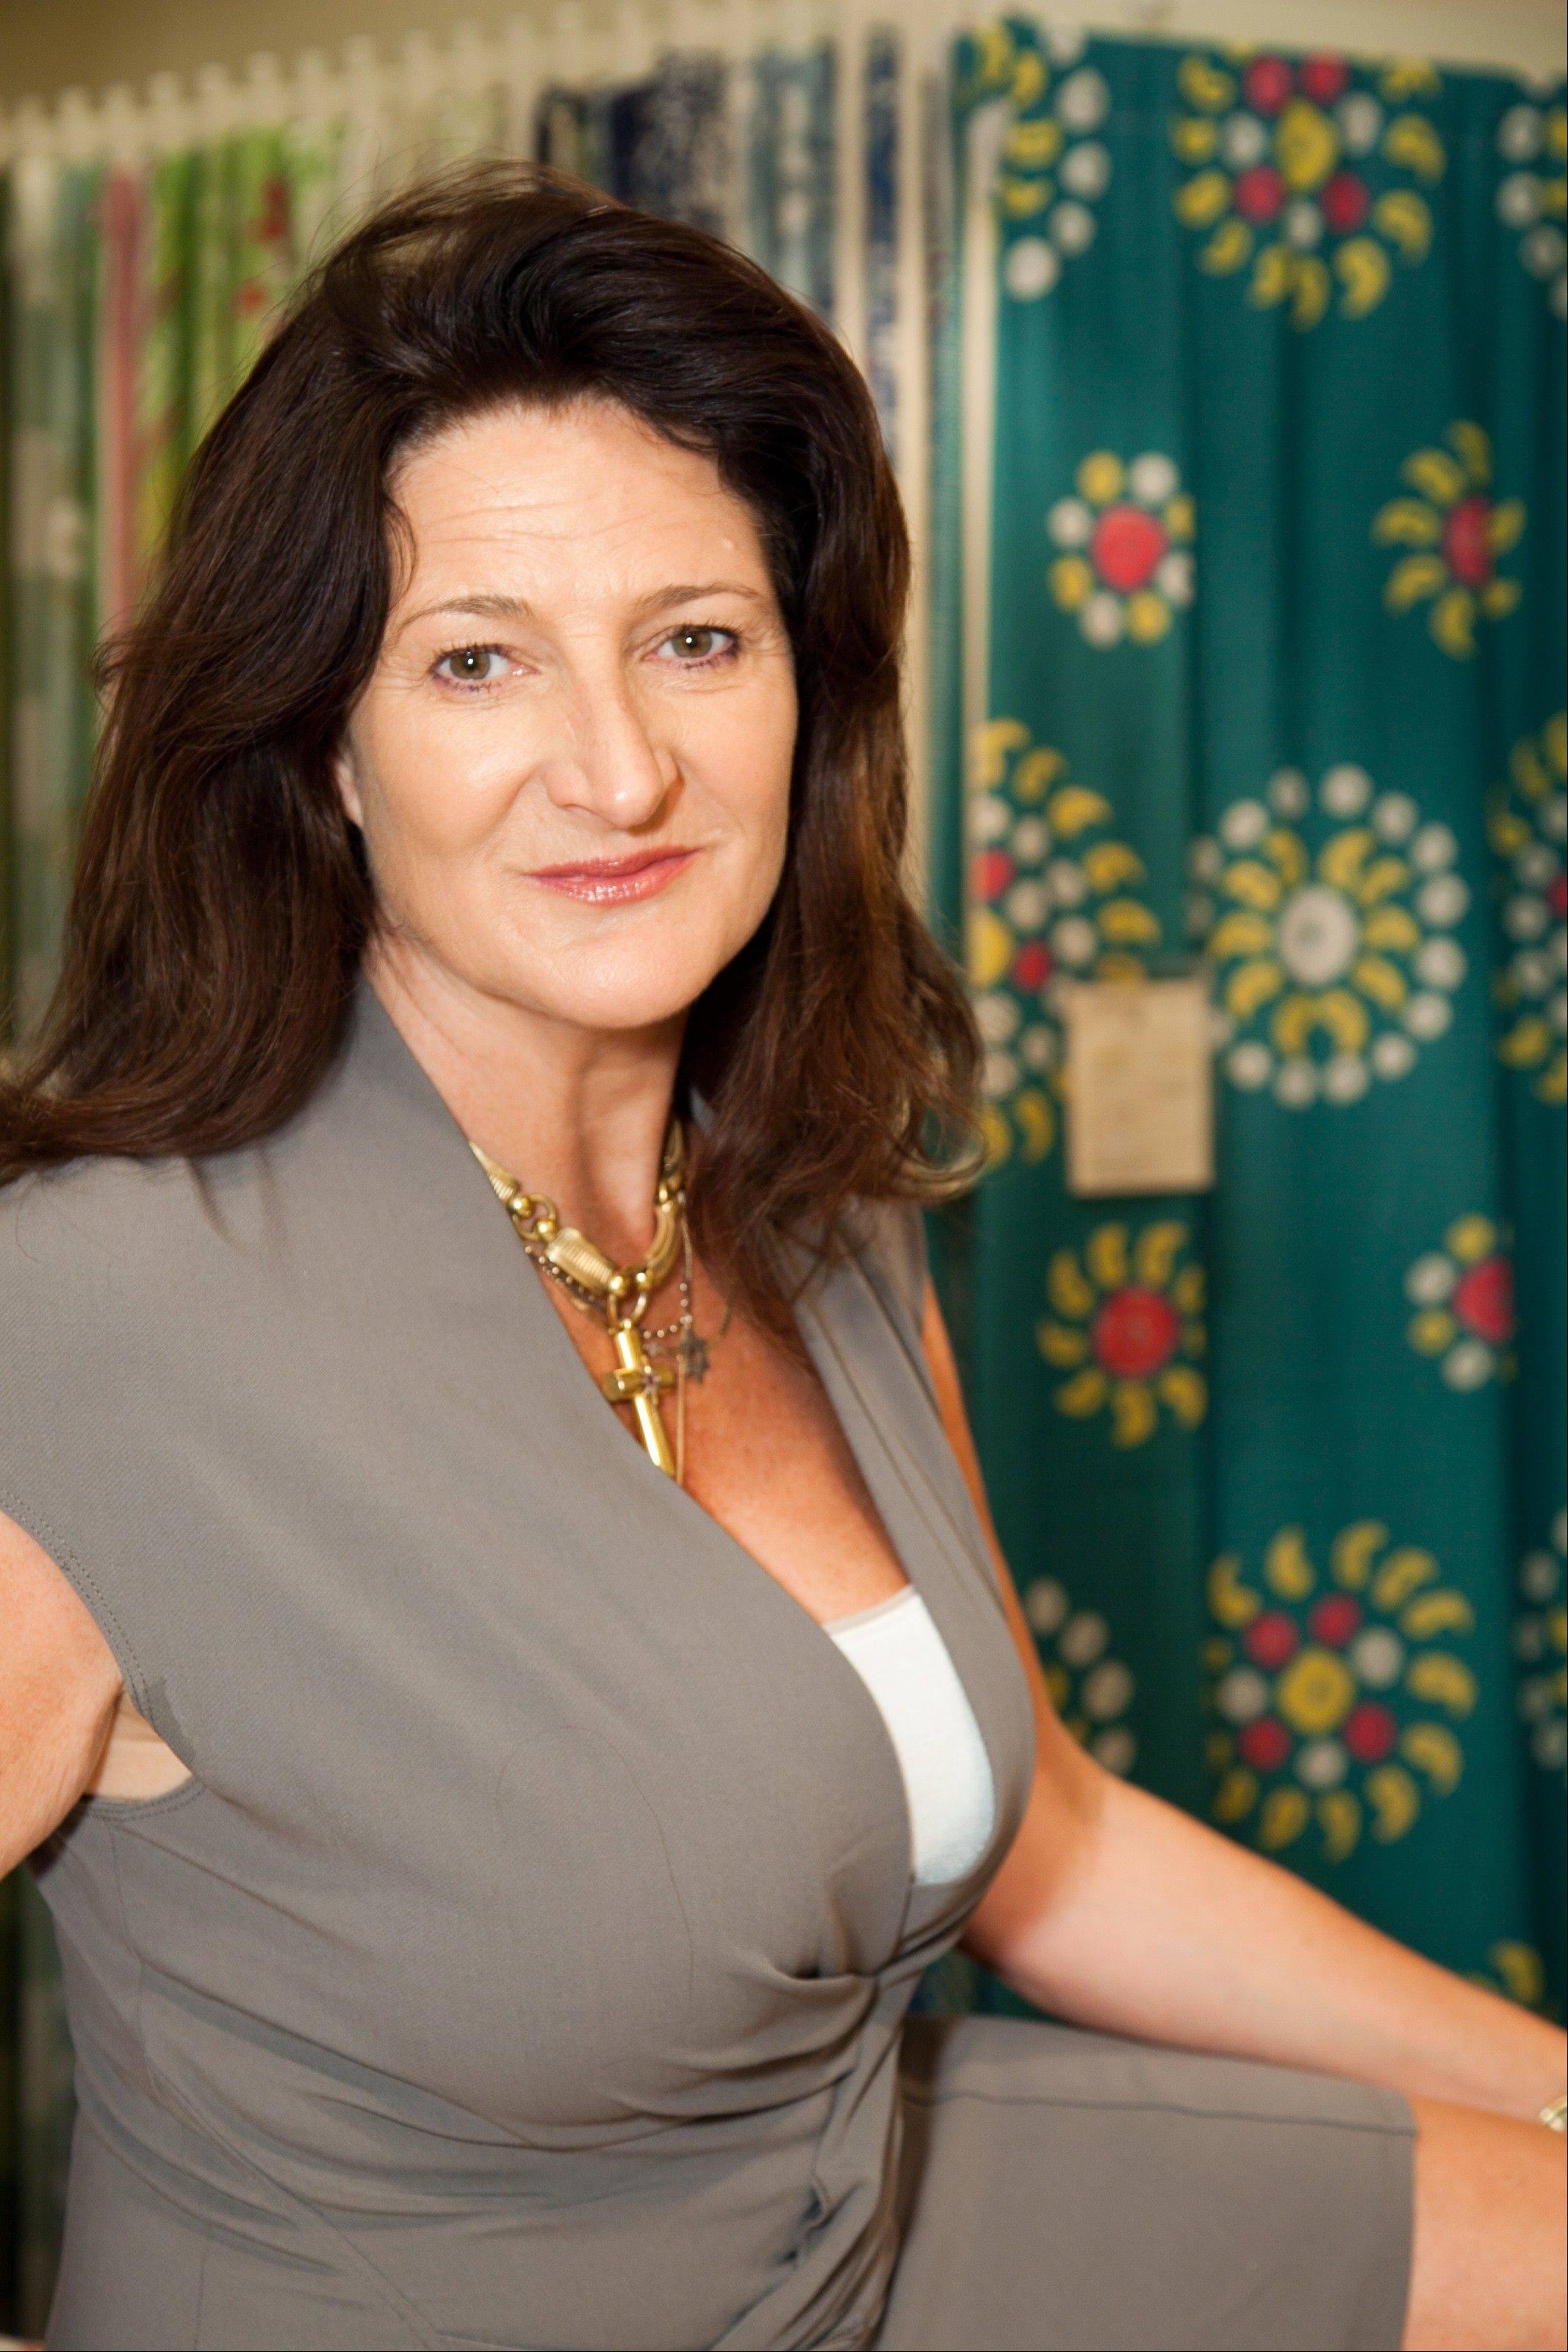 Kathryn Ireland celebrity designer shares affordable advice